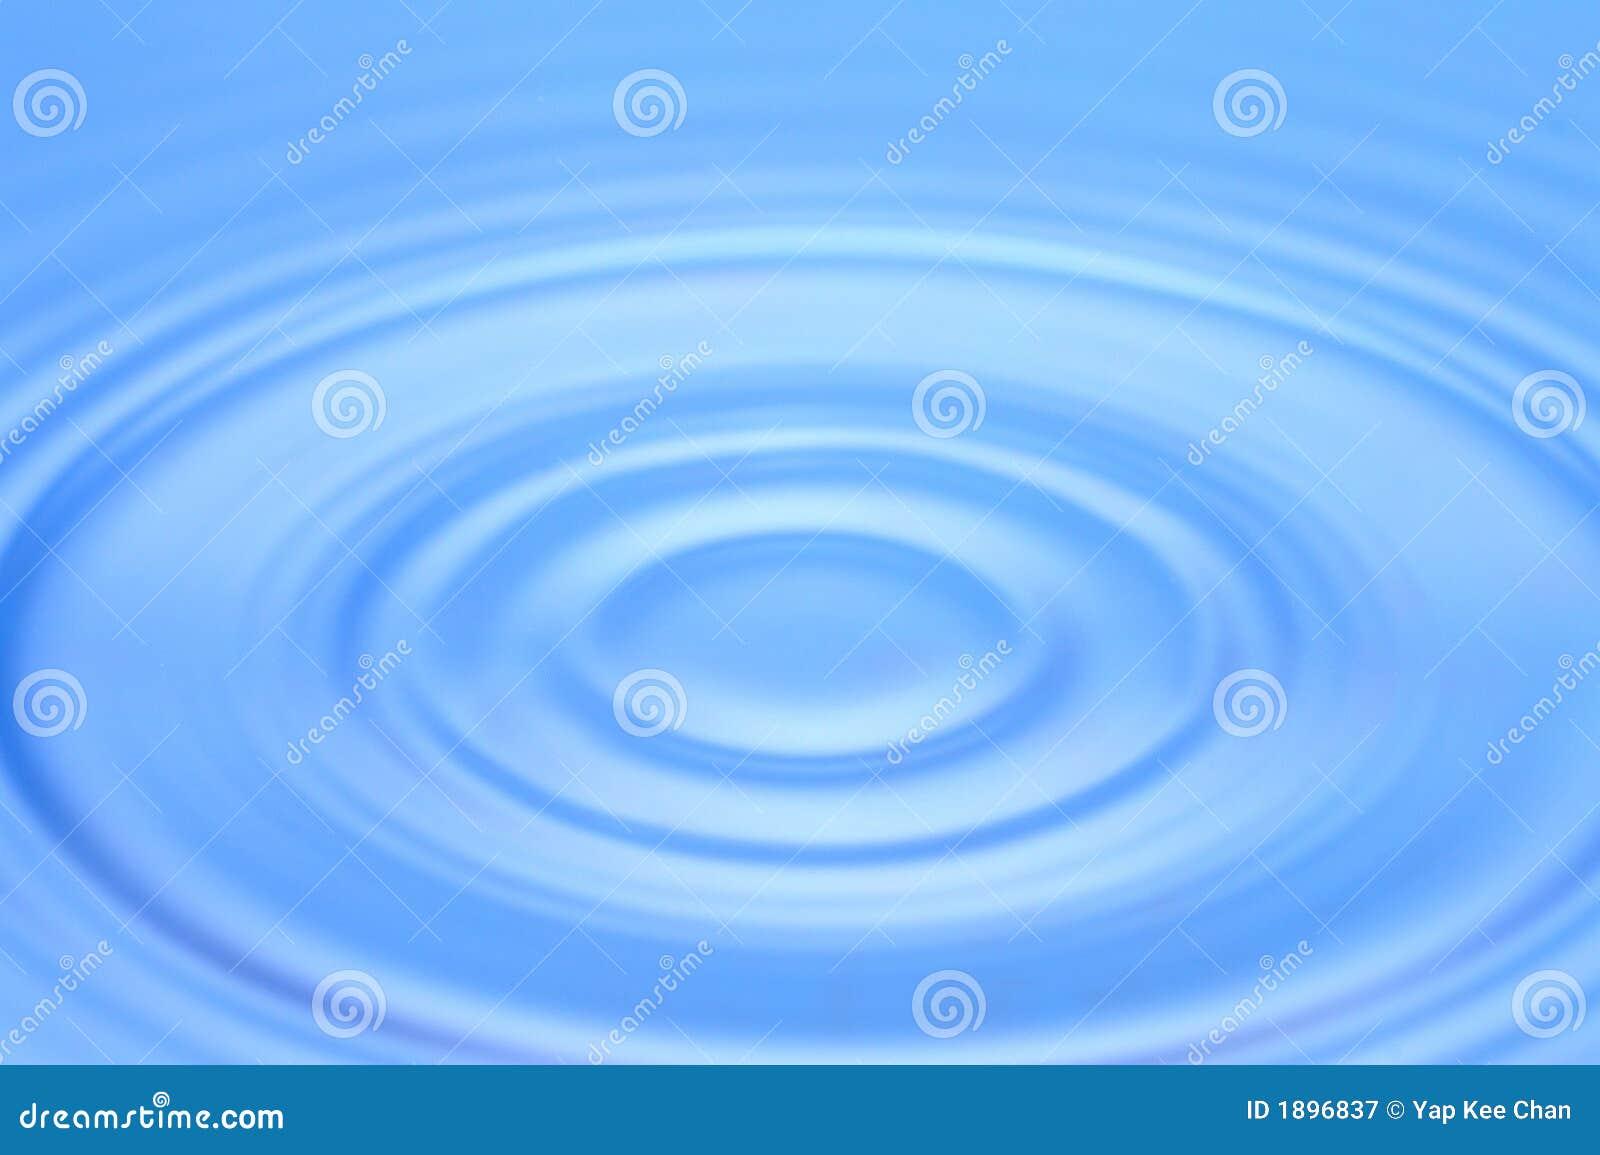 Blauwe waterrimpeling